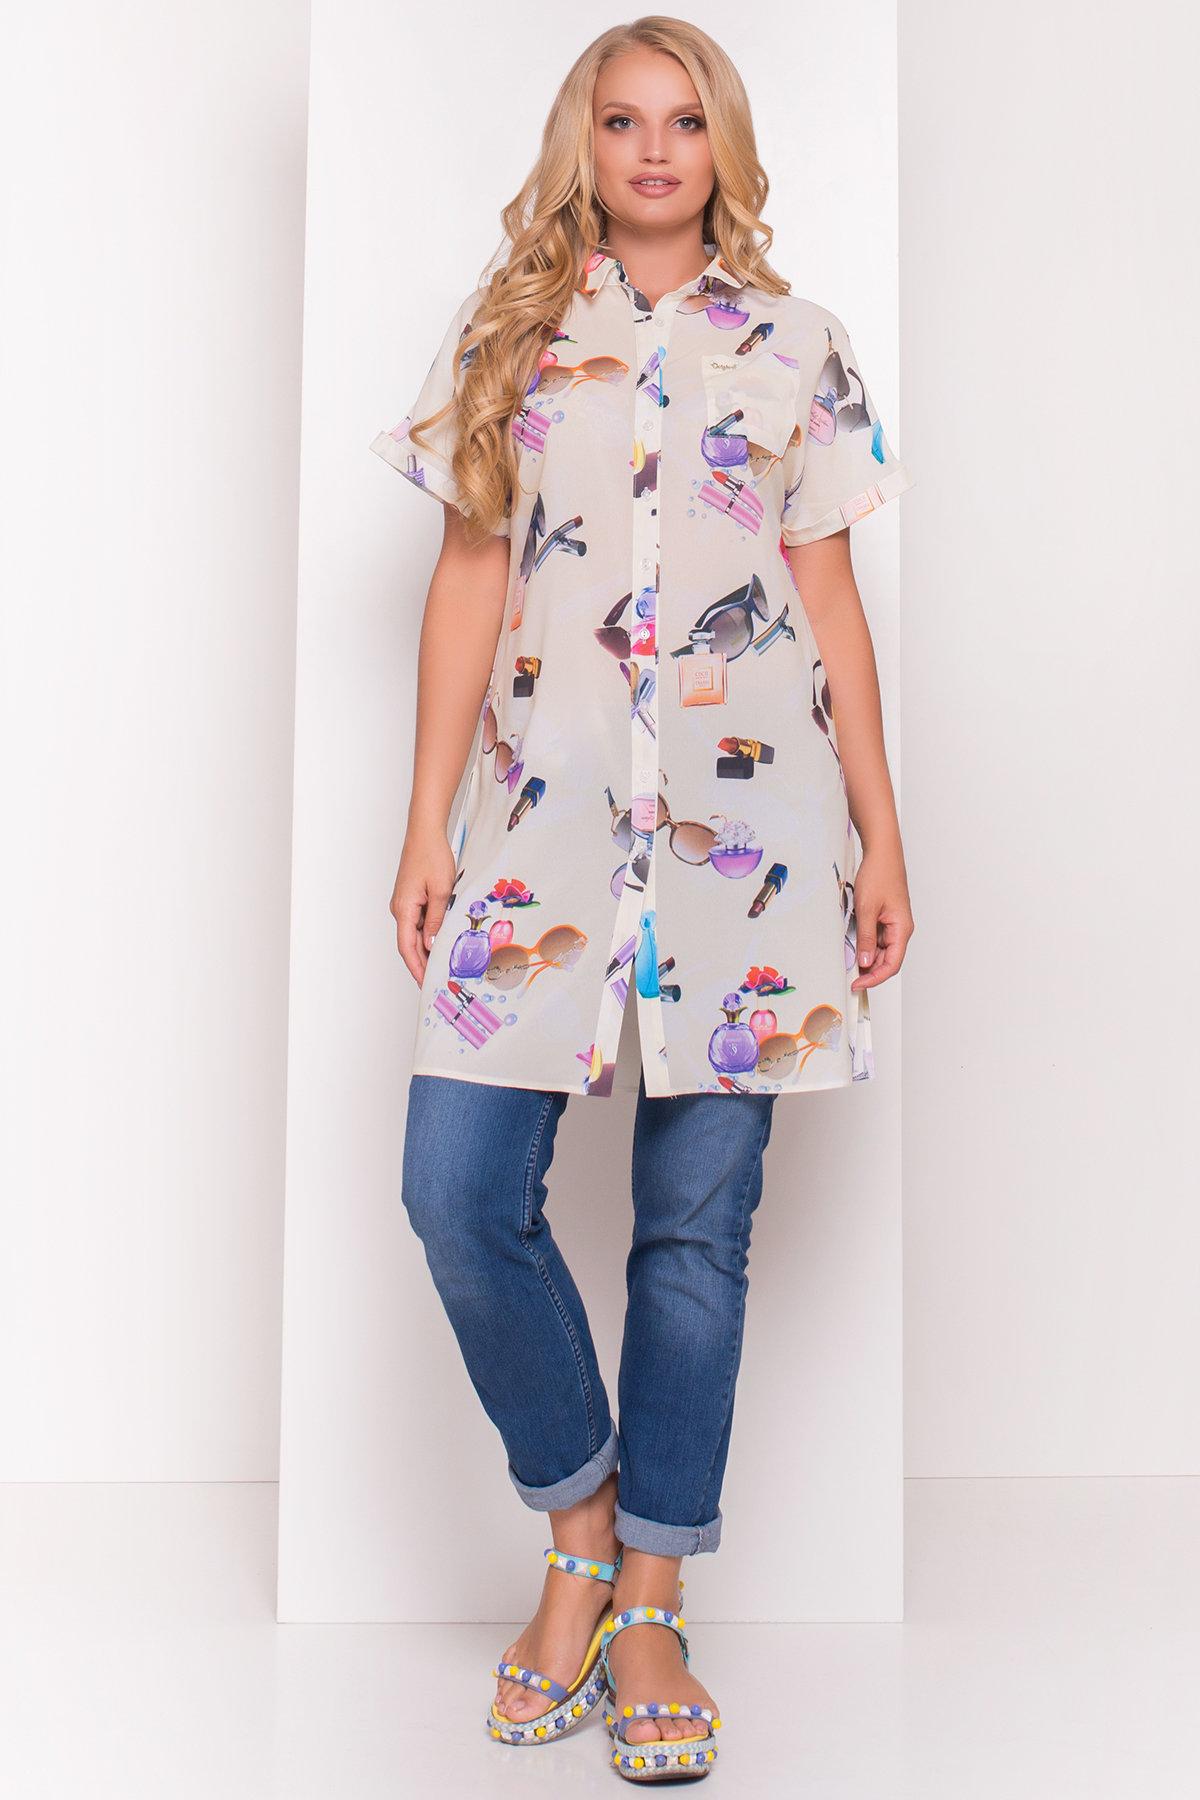 TW Платье -рубашка Шиен Donna 5239 АРТ. 36450 Цвет: Лимон Parfums - фото 1, интернет магазин tm-modus.ru